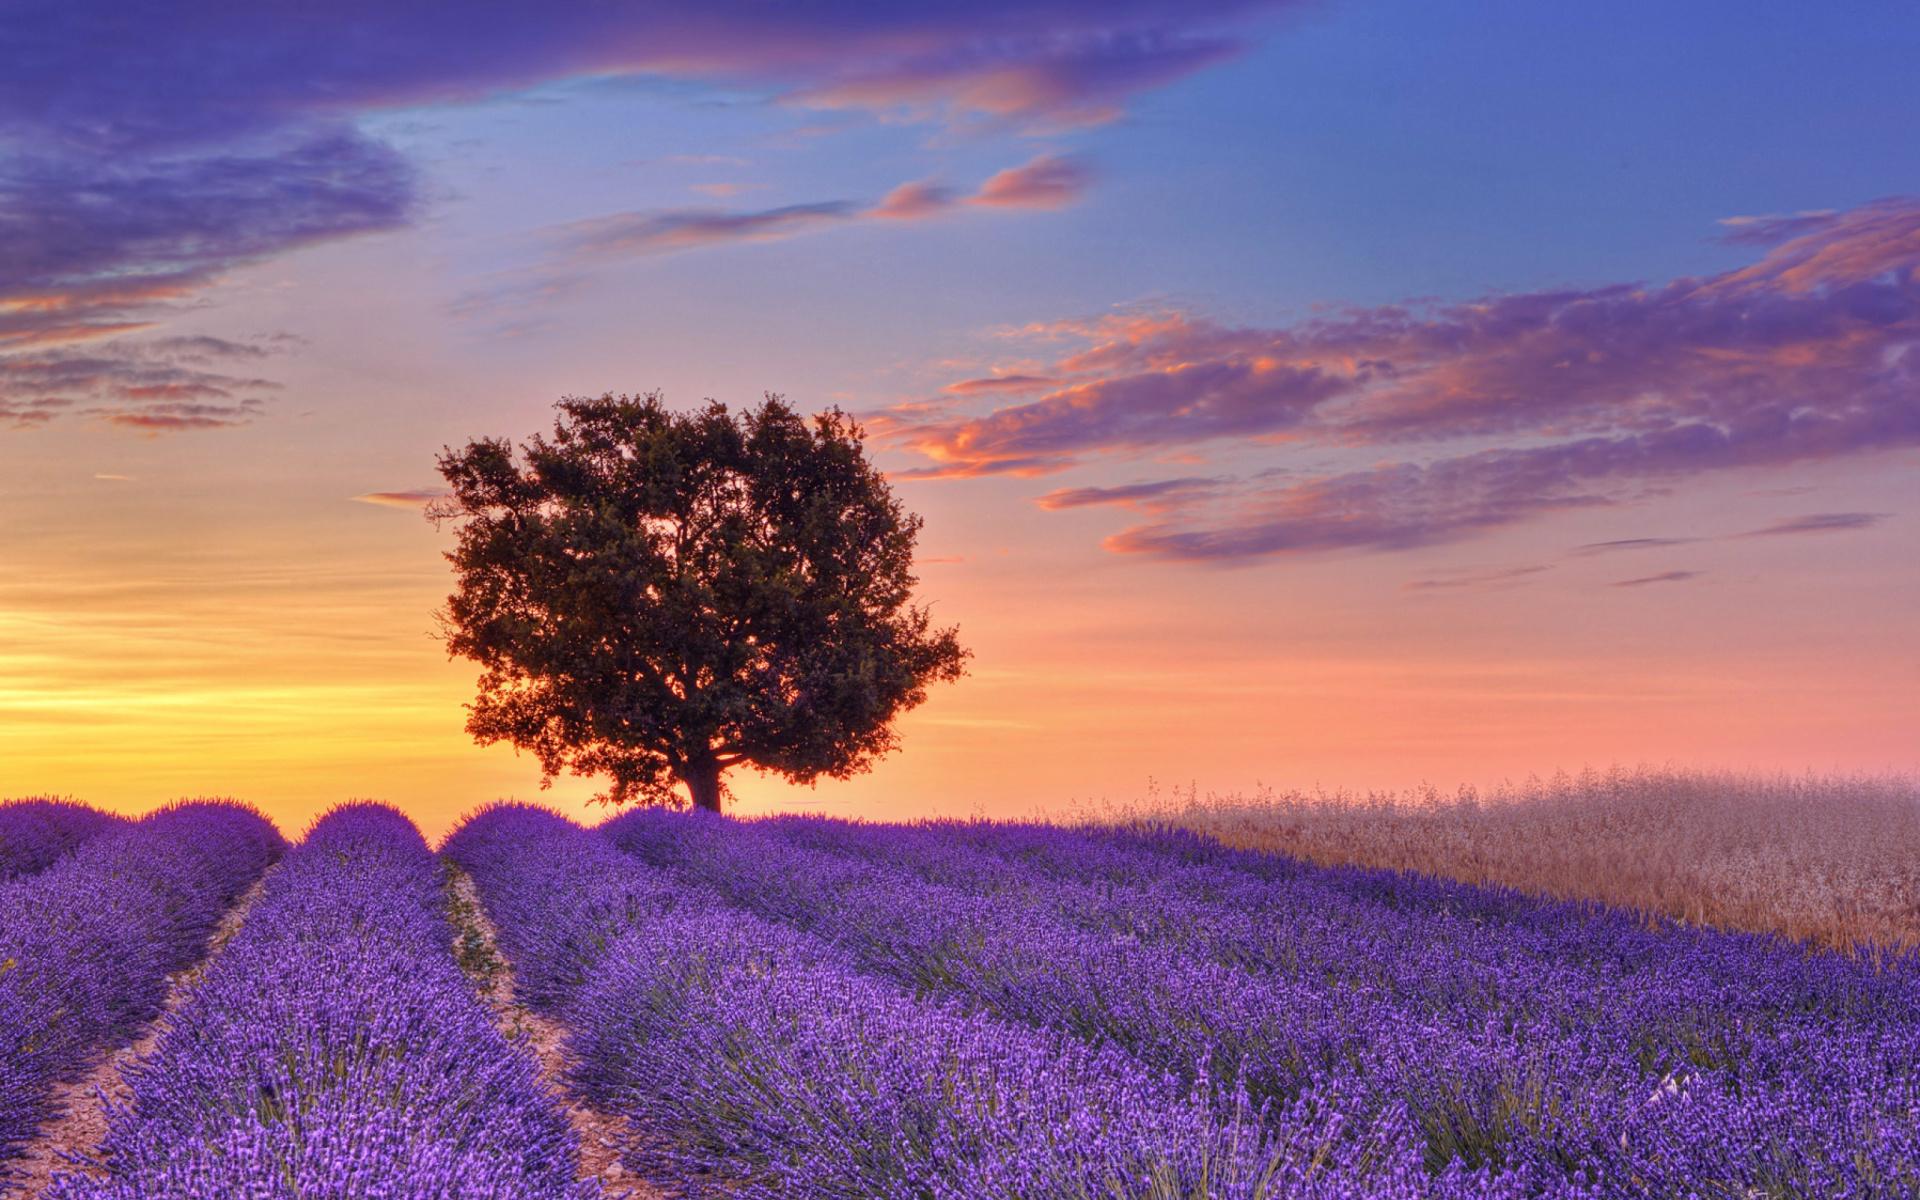 lavender field hd desktop - photo #21